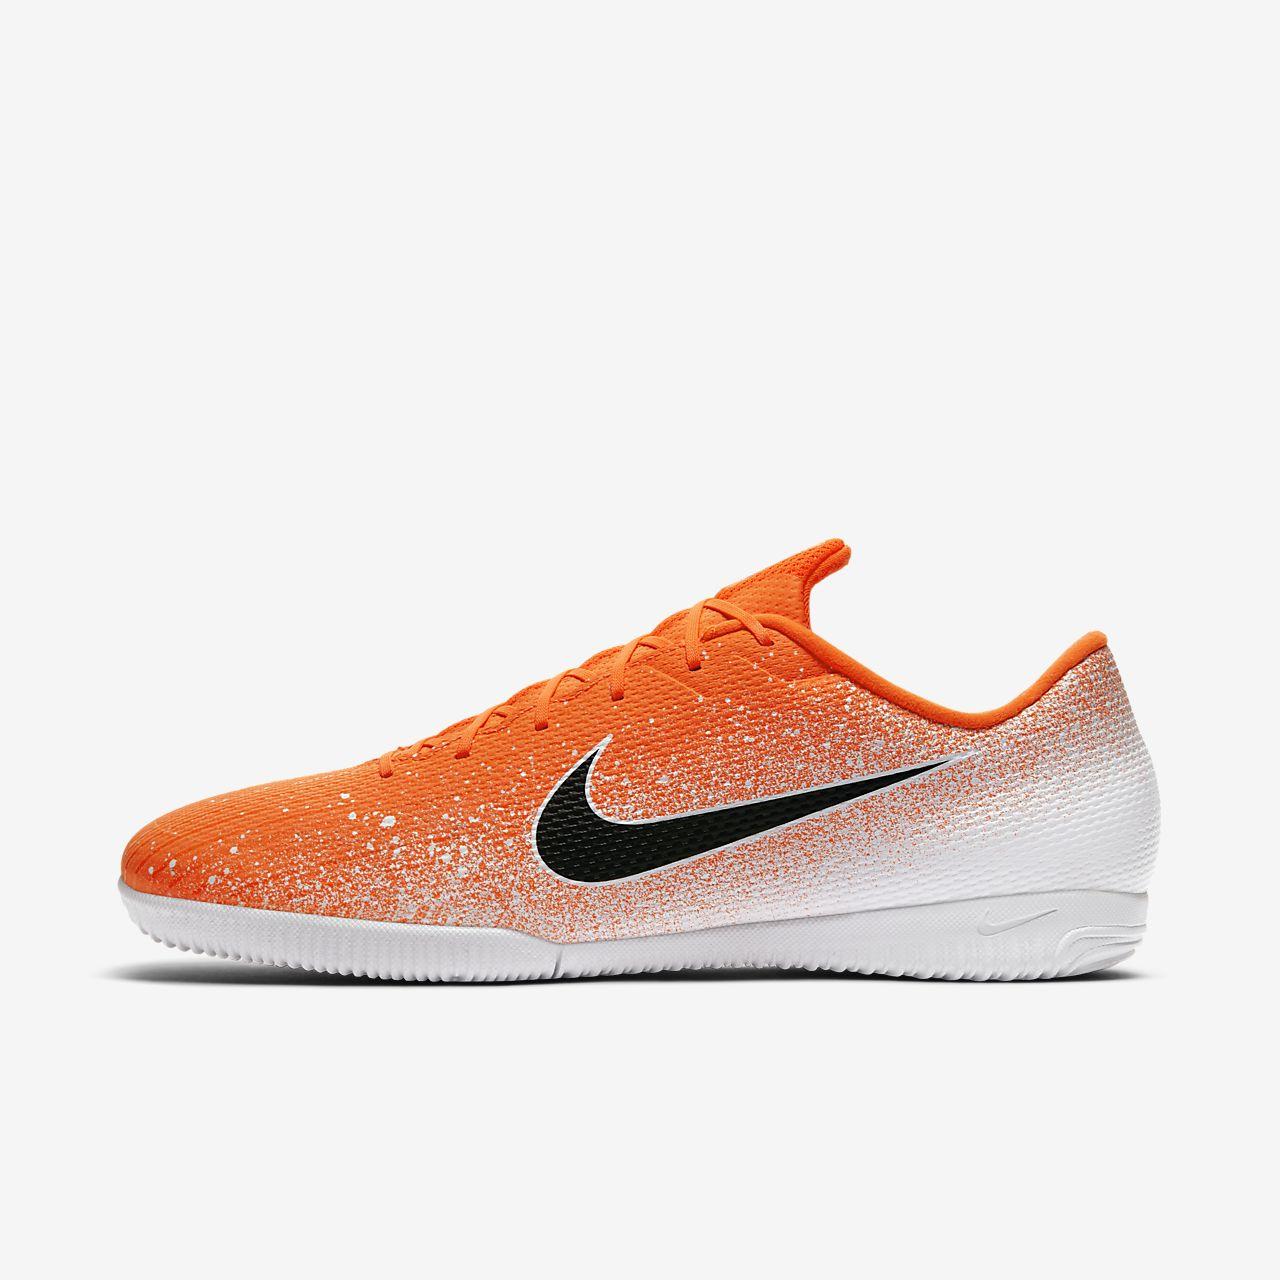 pretty nice 922d9 a9a44 ... Chaussure de football en salle Nike VaporX 12 Academy IC